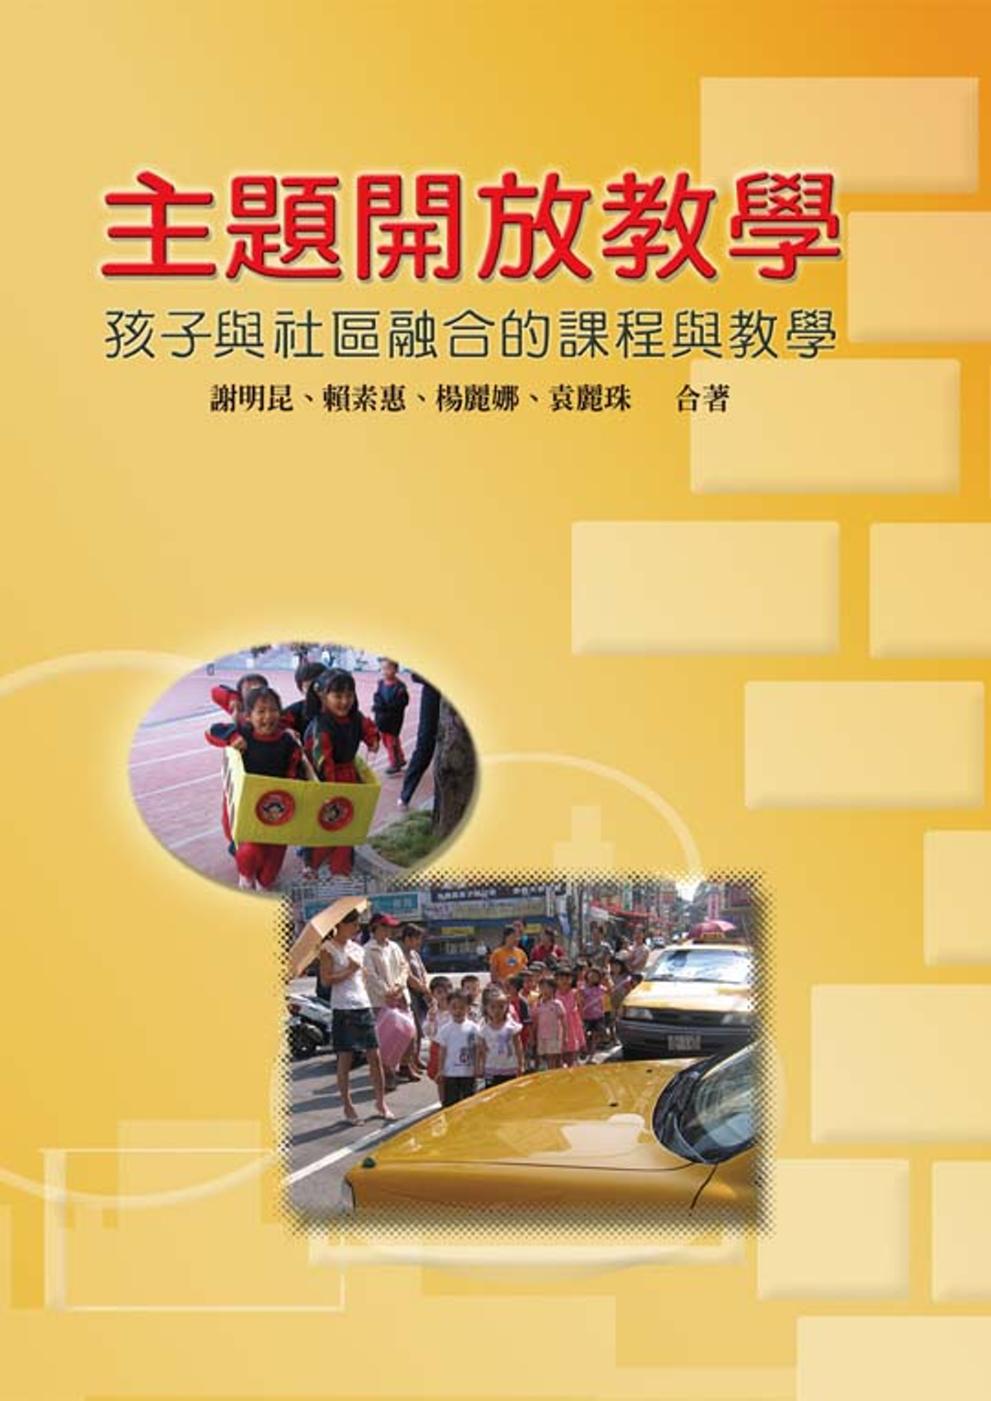 主題開放教學:孩子與社區融合的課程與教學